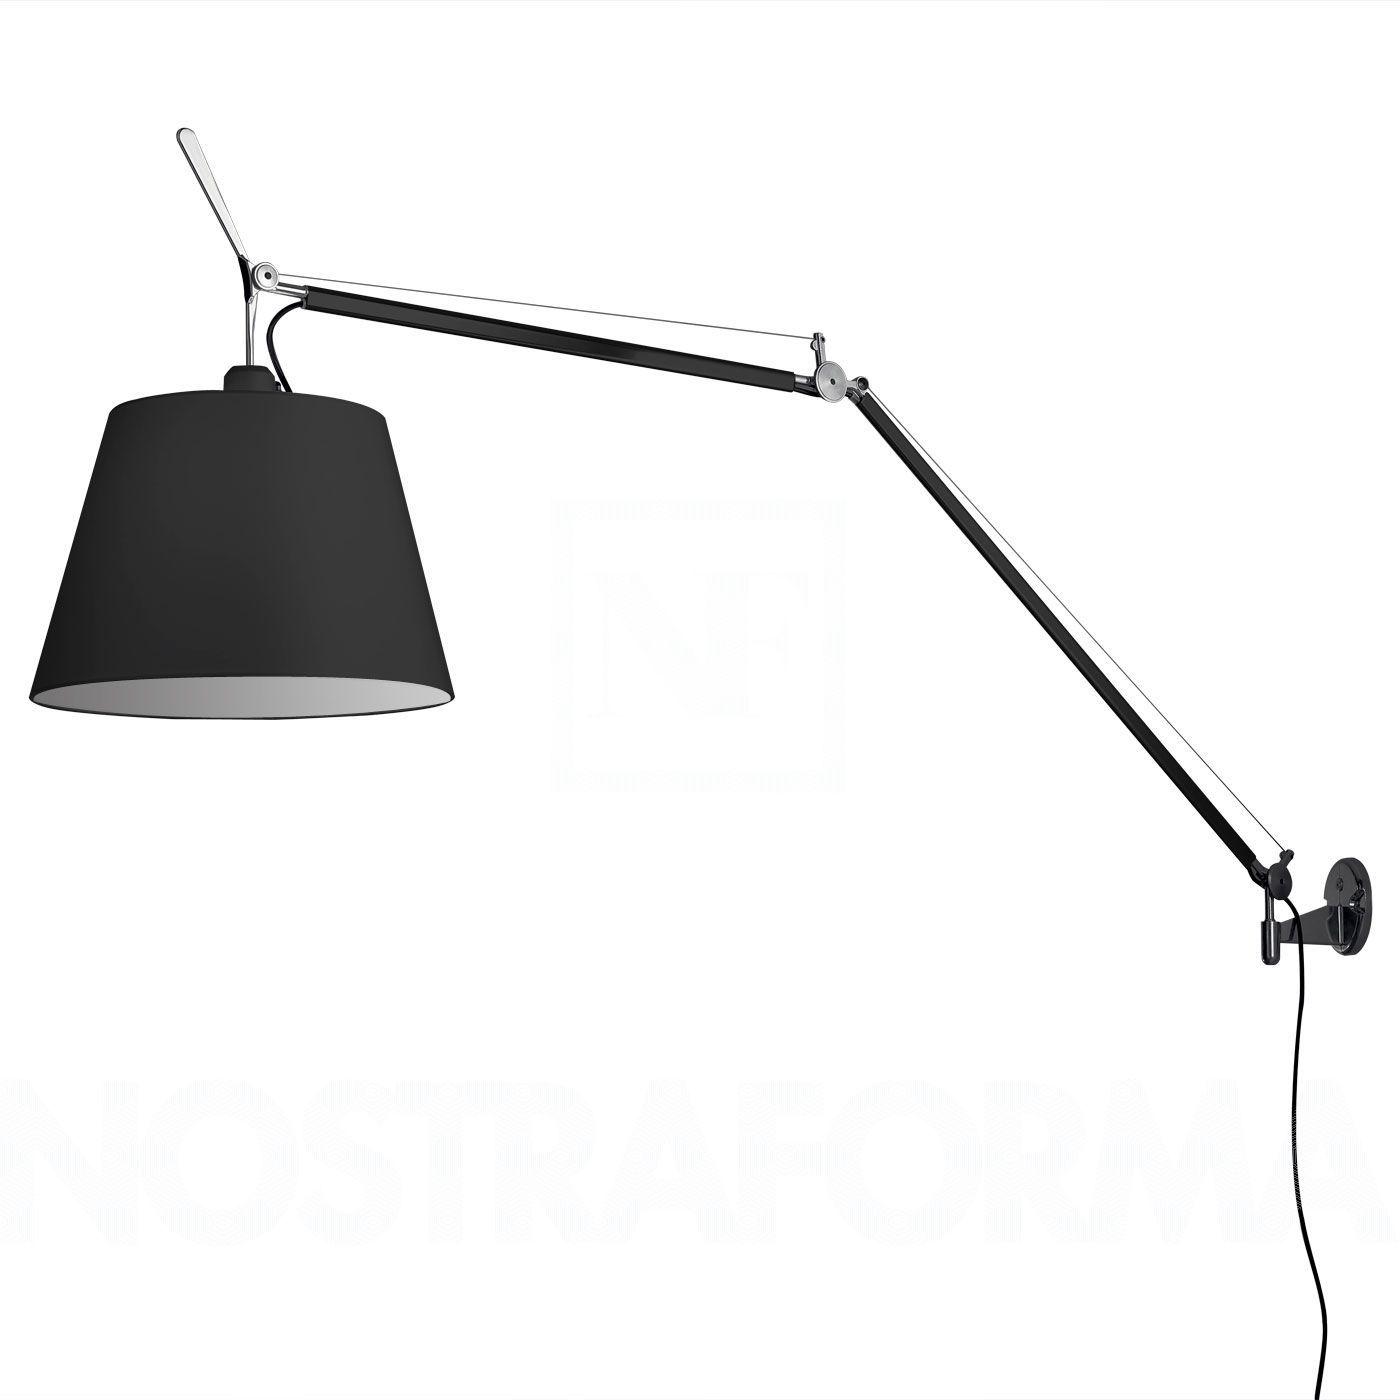 Artemide Tolomeo Mega Parete Wall Lamp Black Black Wall Lamps Large Wall Lighting Wall Lamp